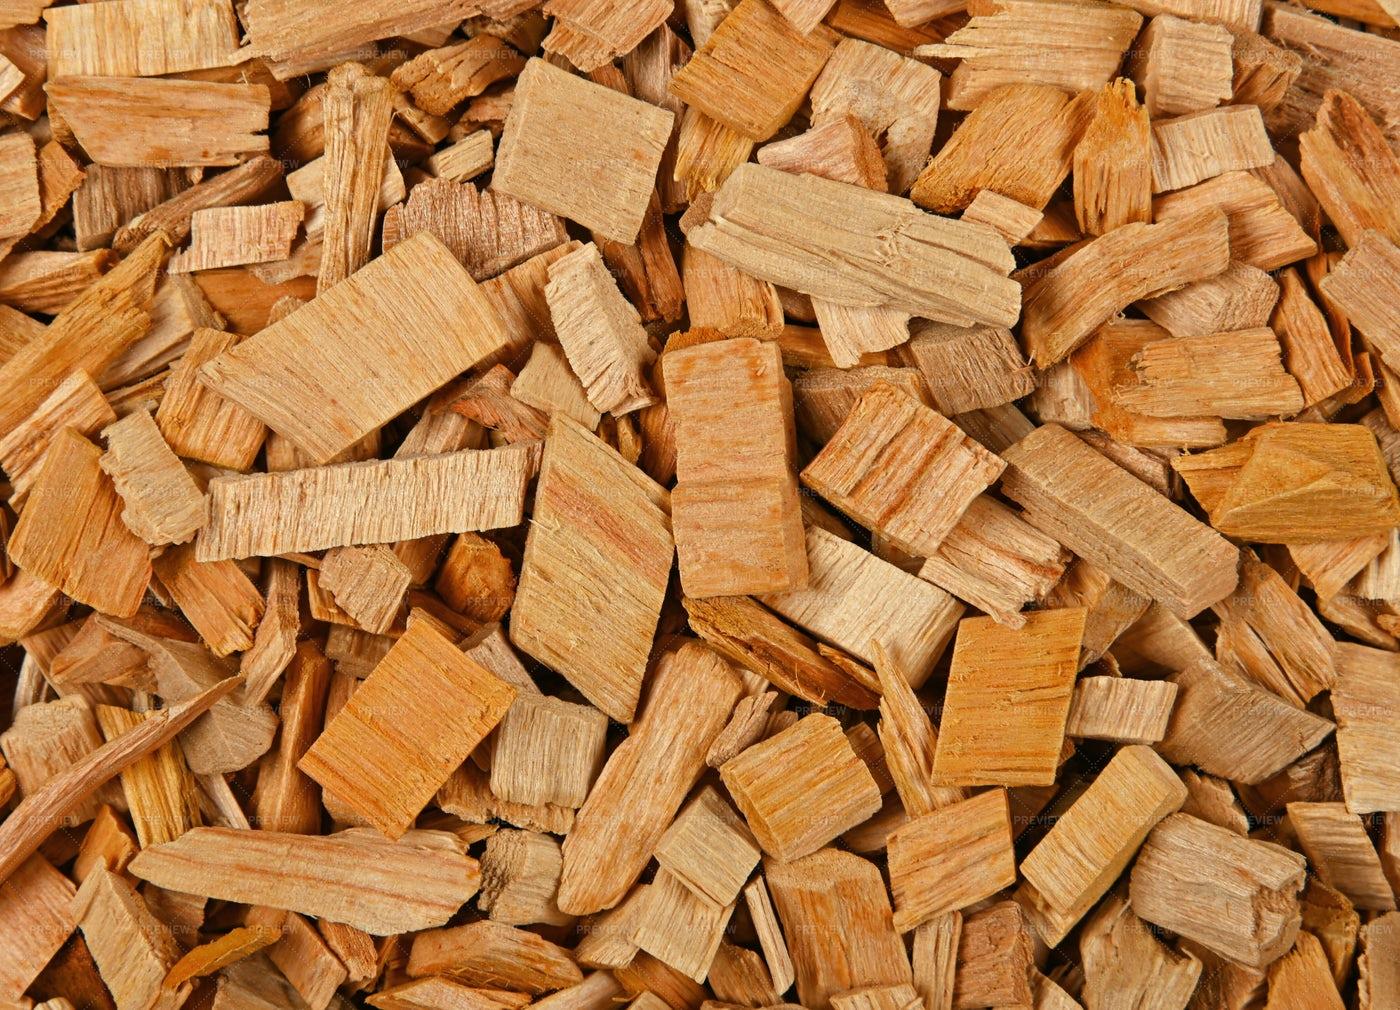 Hardwood Chips: Stock Photos